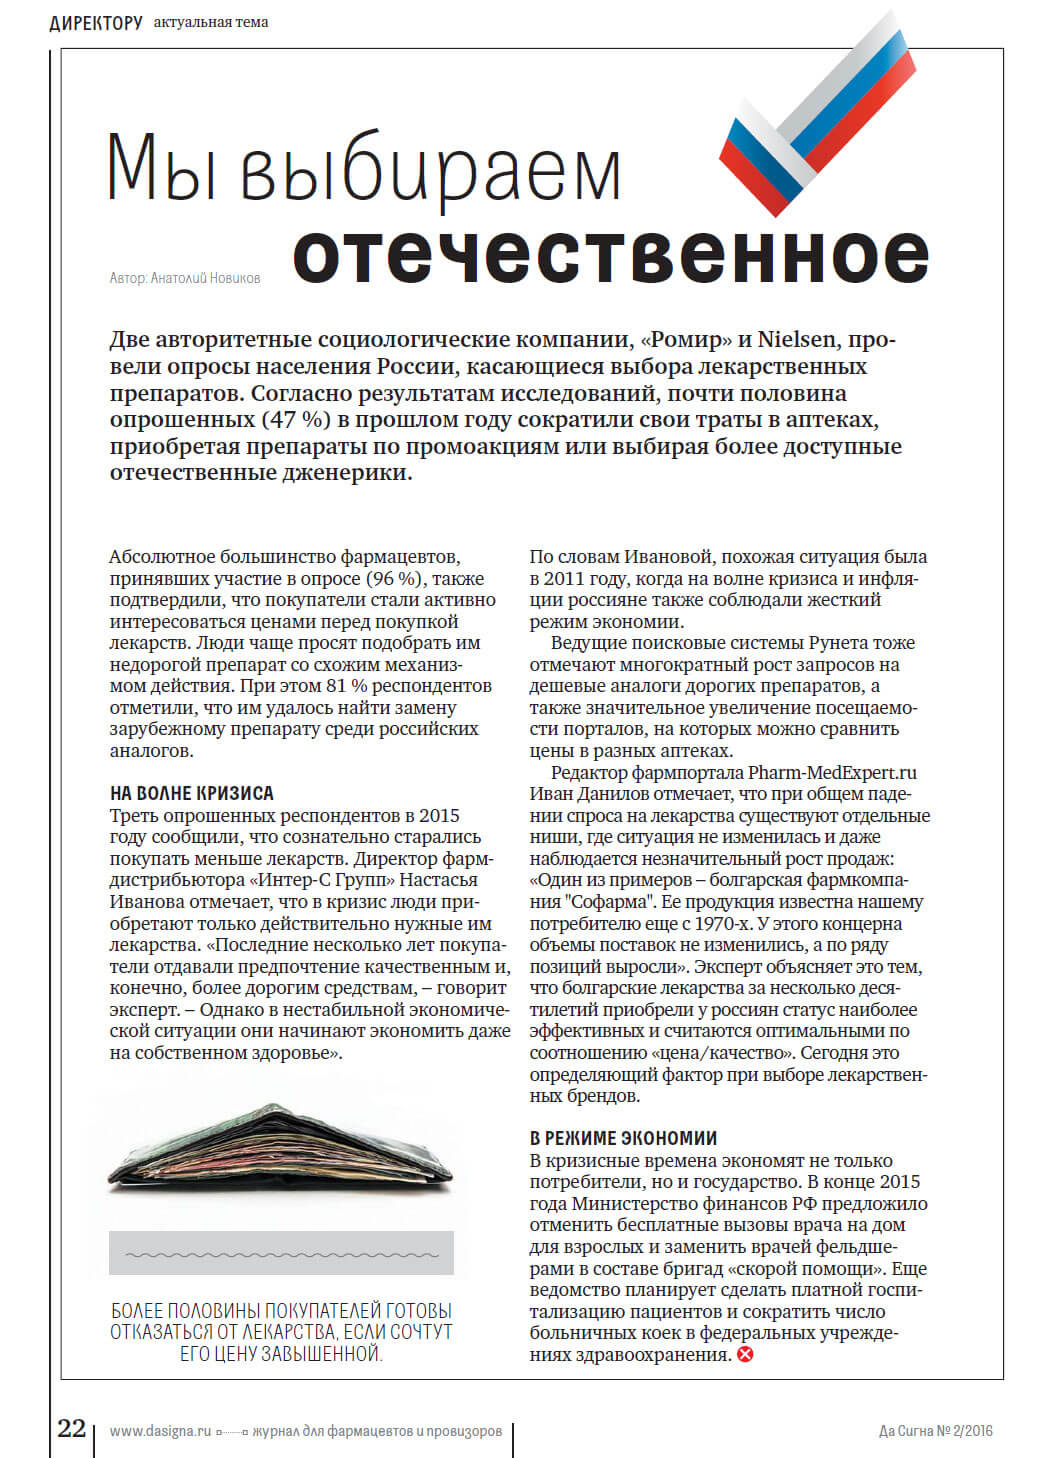 Журнал Da Signa: Мы выбираем отечественное